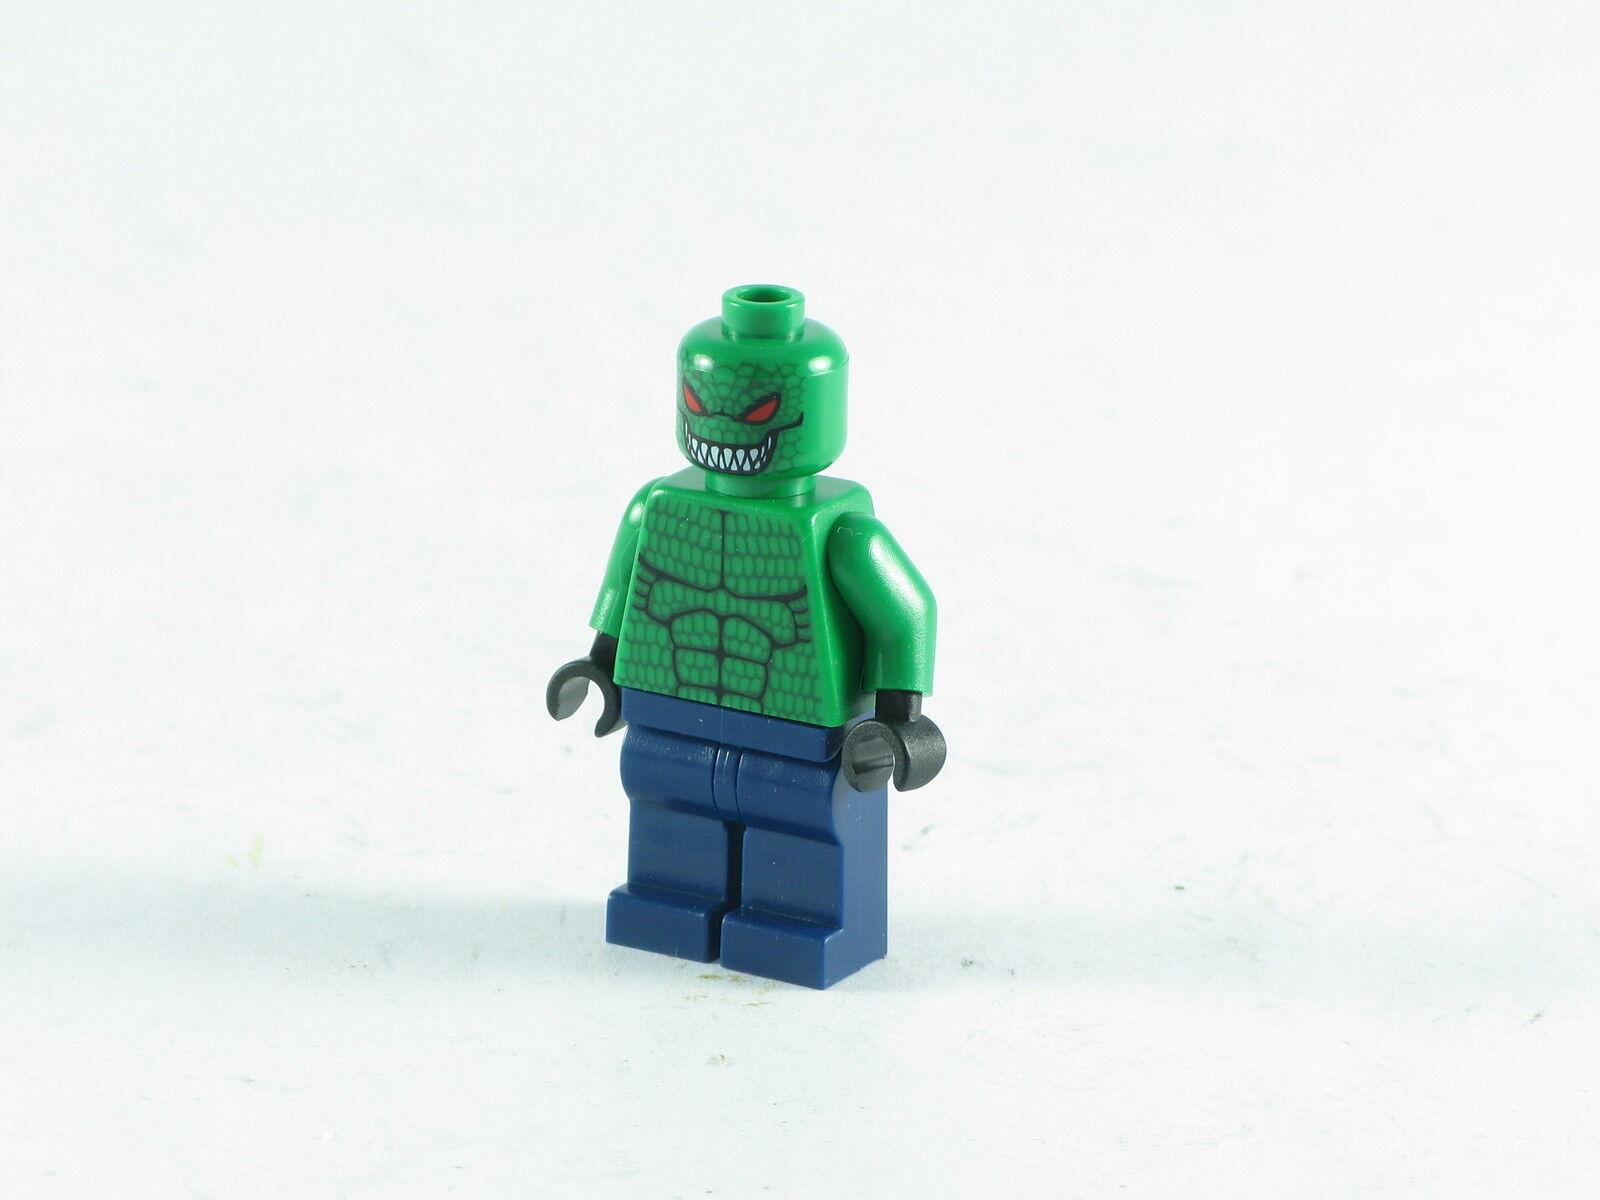 Lego Batman Killer Croc Mint Minifigure Original, Not Super Heroes 7780